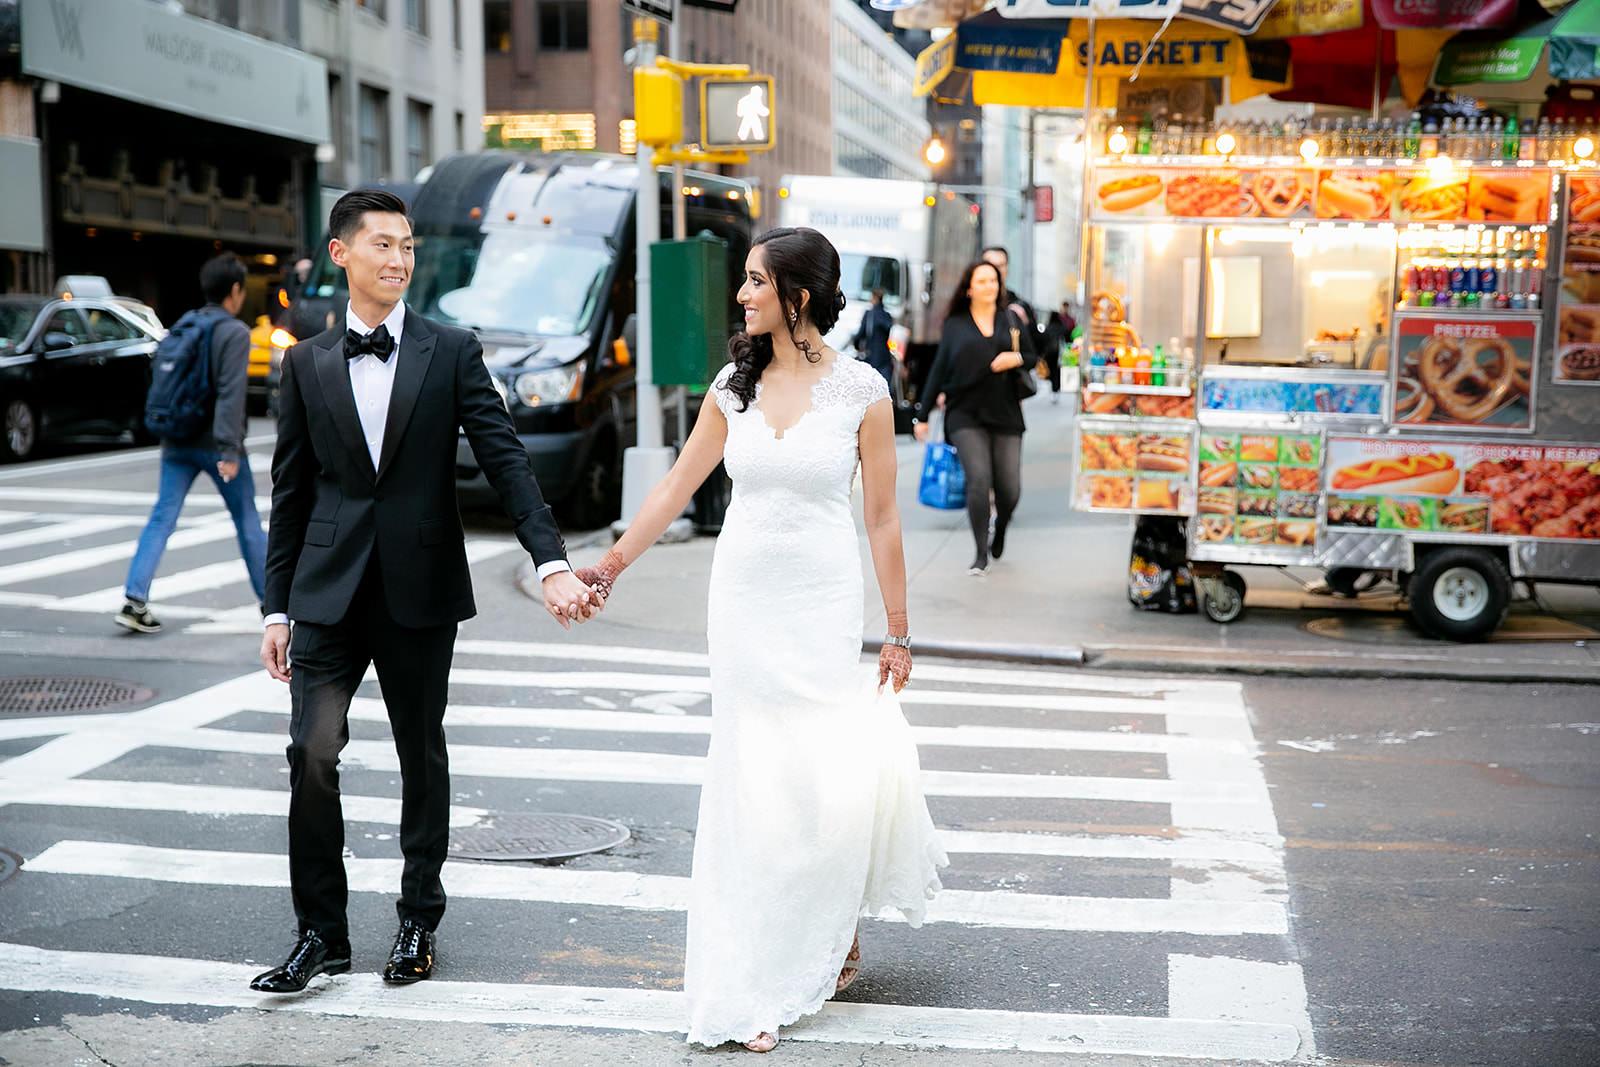 NYC Indian bride